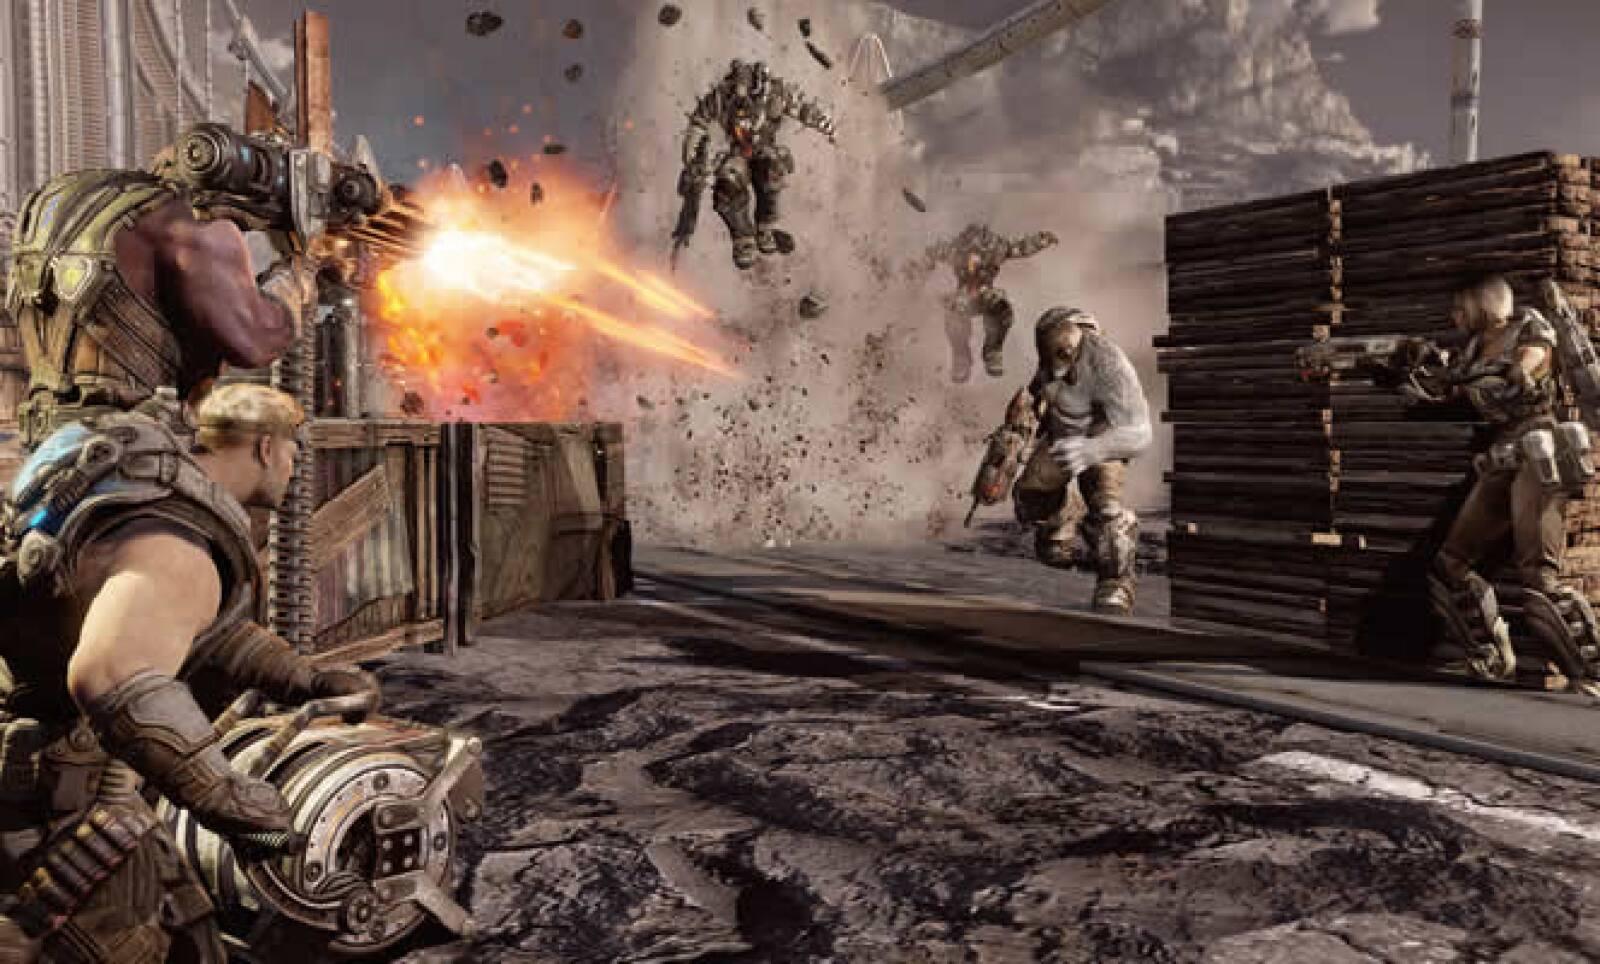 La última parte de esta trilogía, exclusiva para Xbox 360. Mejores gráficos, audio y un nuevo modo multiplayer, Horde 2.0.